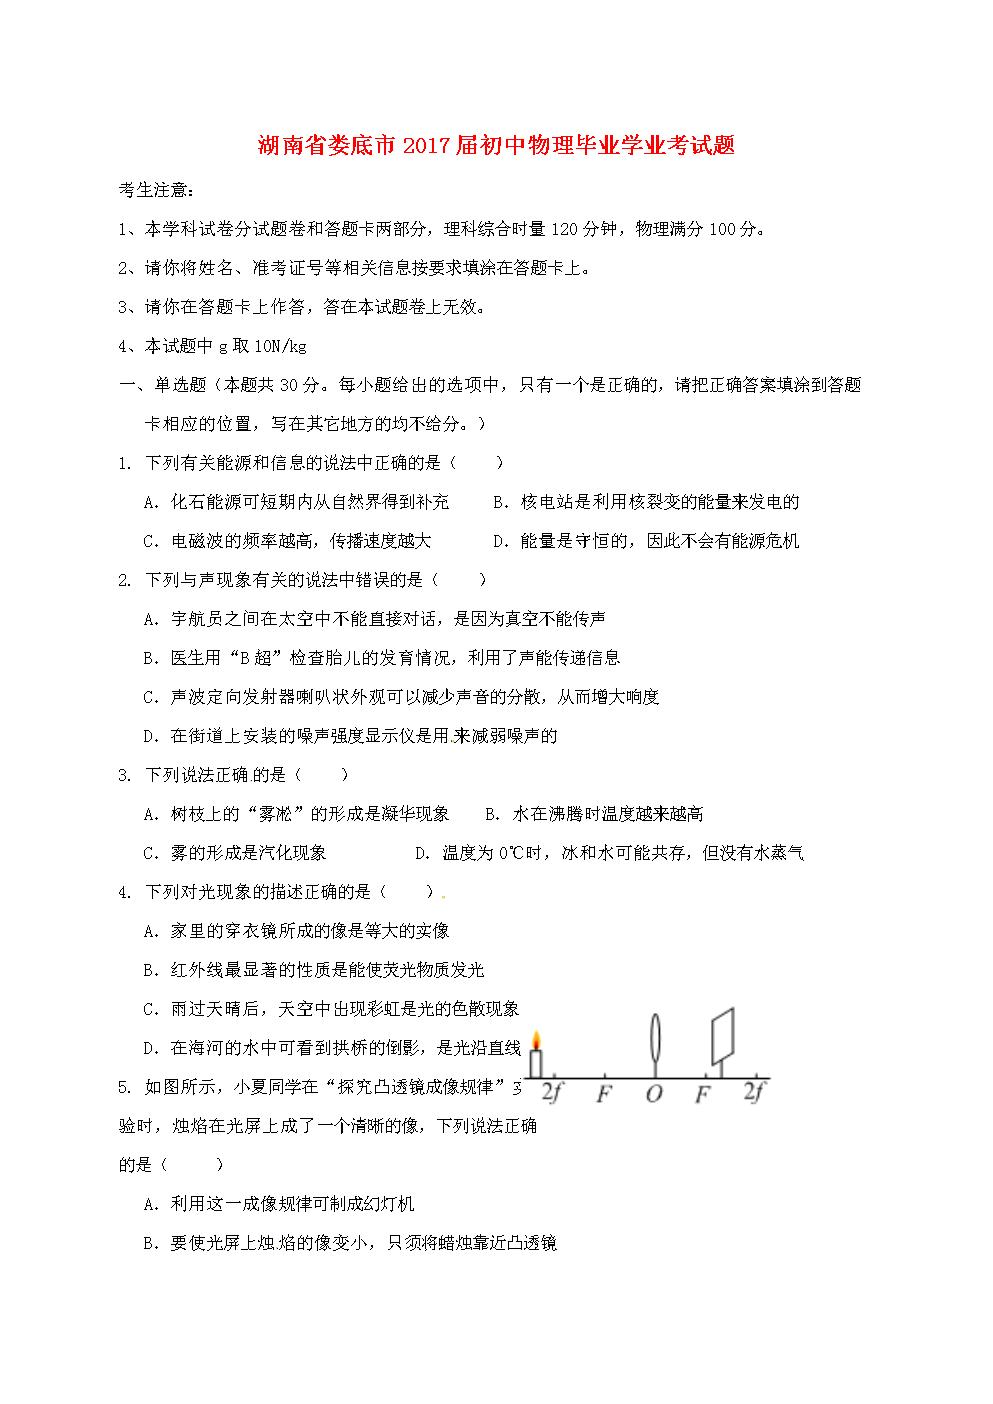 湖南省娄底市2017届初中学校毕业初中考试题学业多少钱知物理单县图片